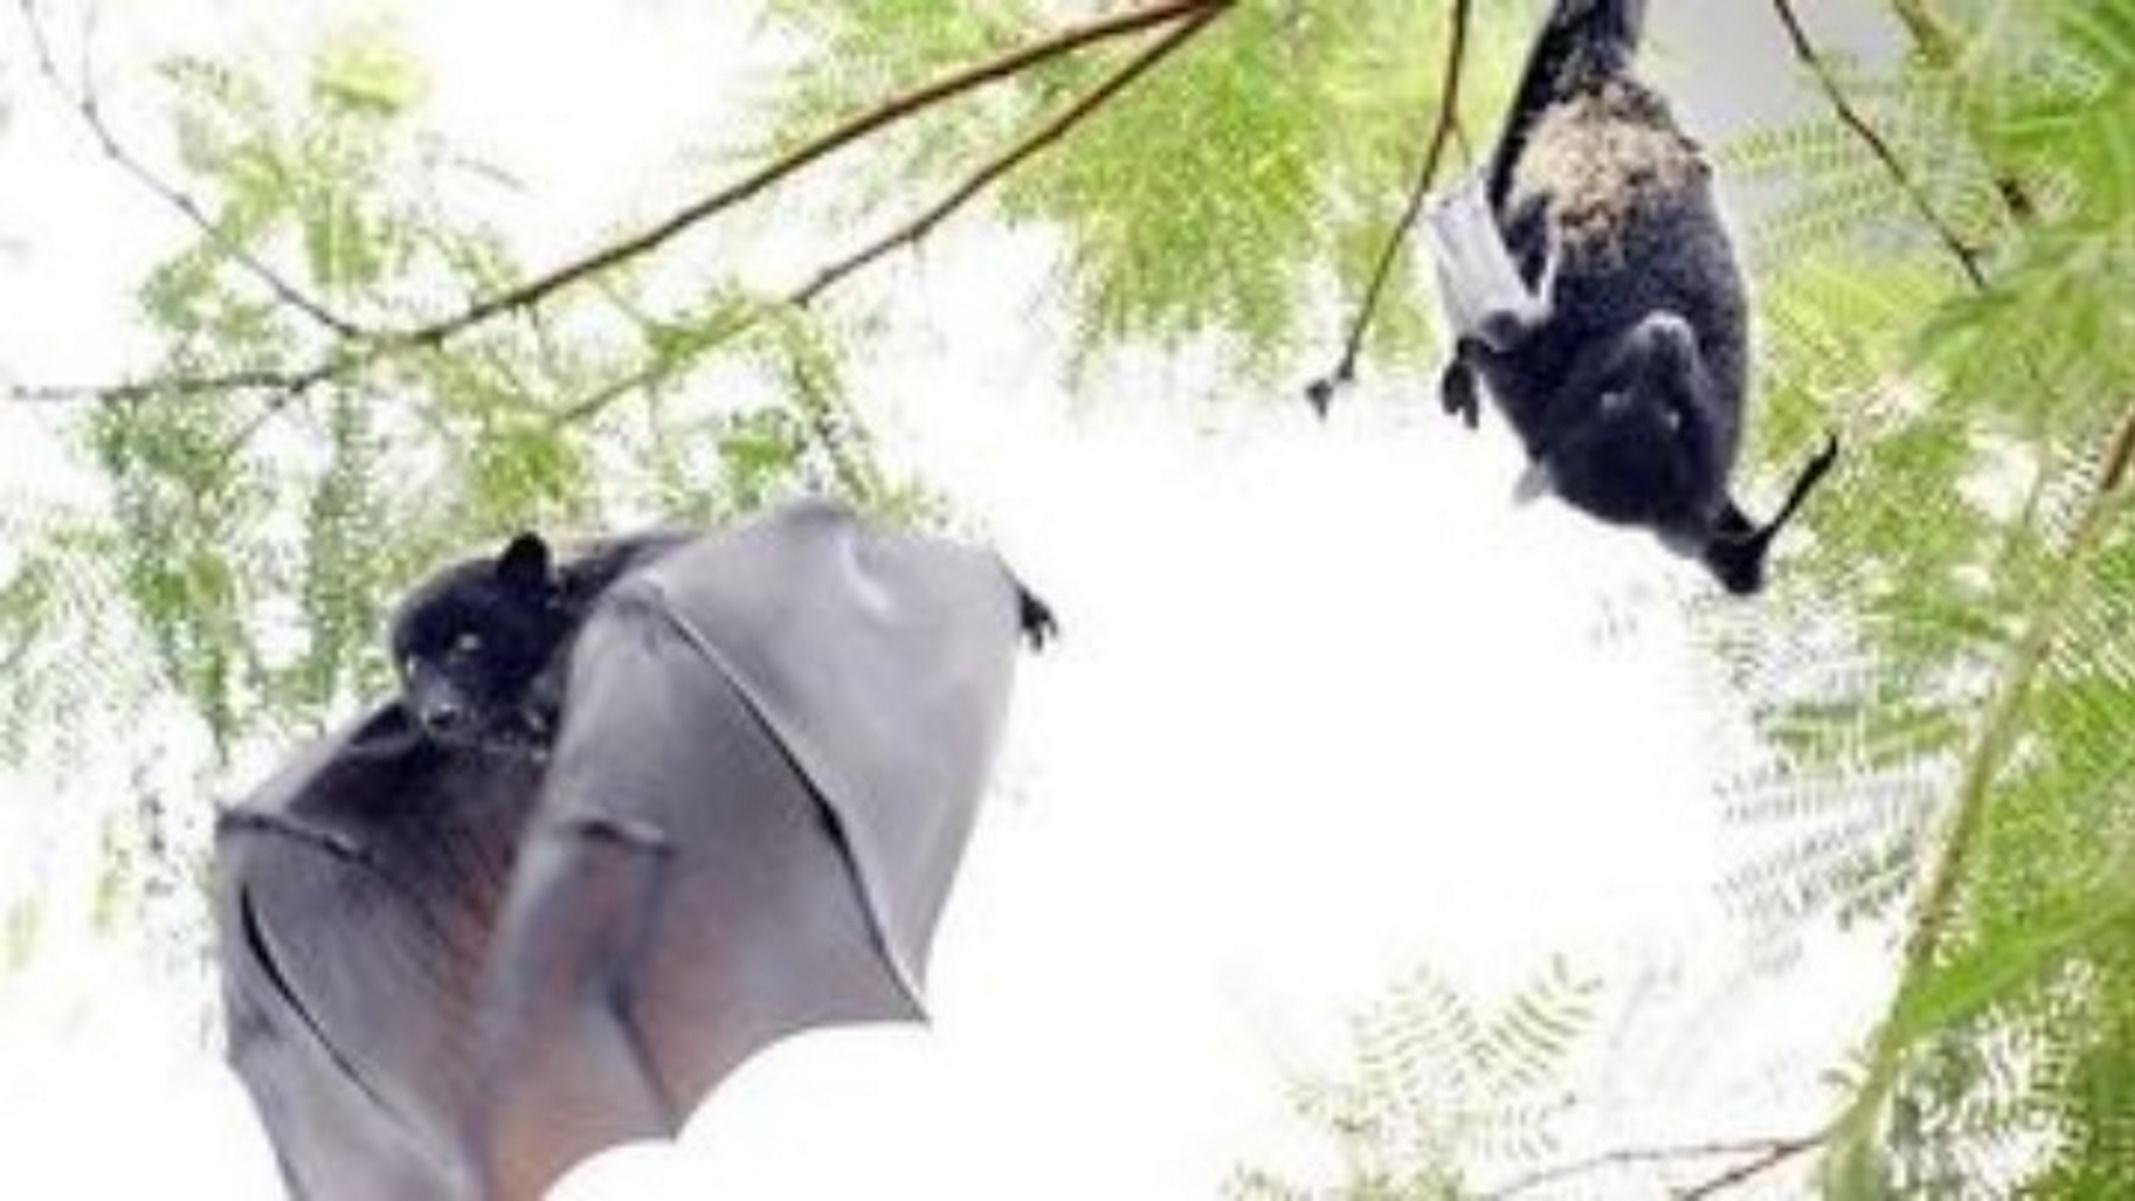 Πάτρα: Νυχτερίδα μπήκε από ανοιχτό παράθυρο και τρομοκράτησε τον οδηγό